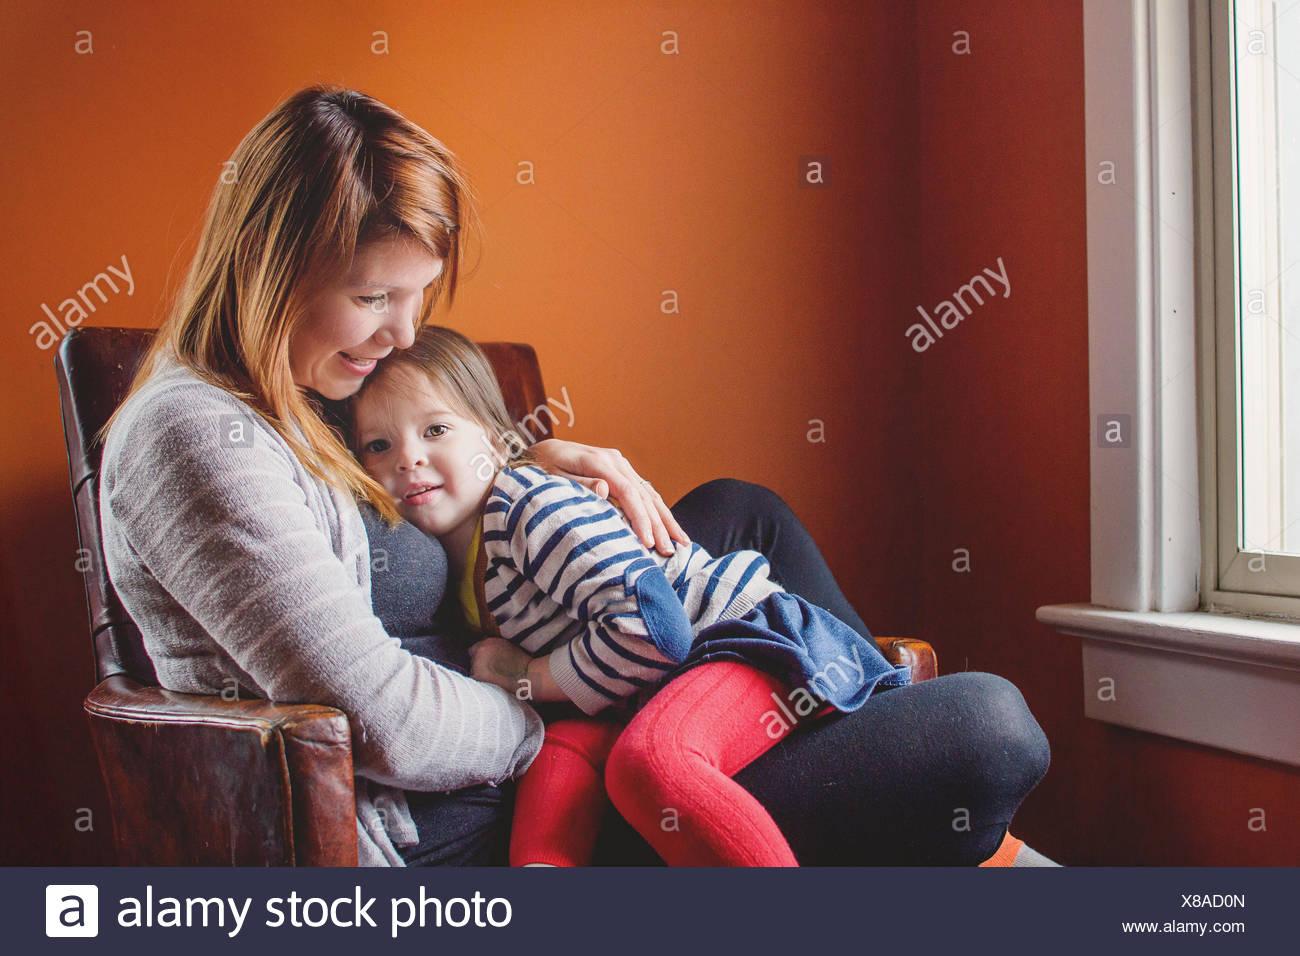 Mère et fille assise sur une chaise ensemble Photo Stock